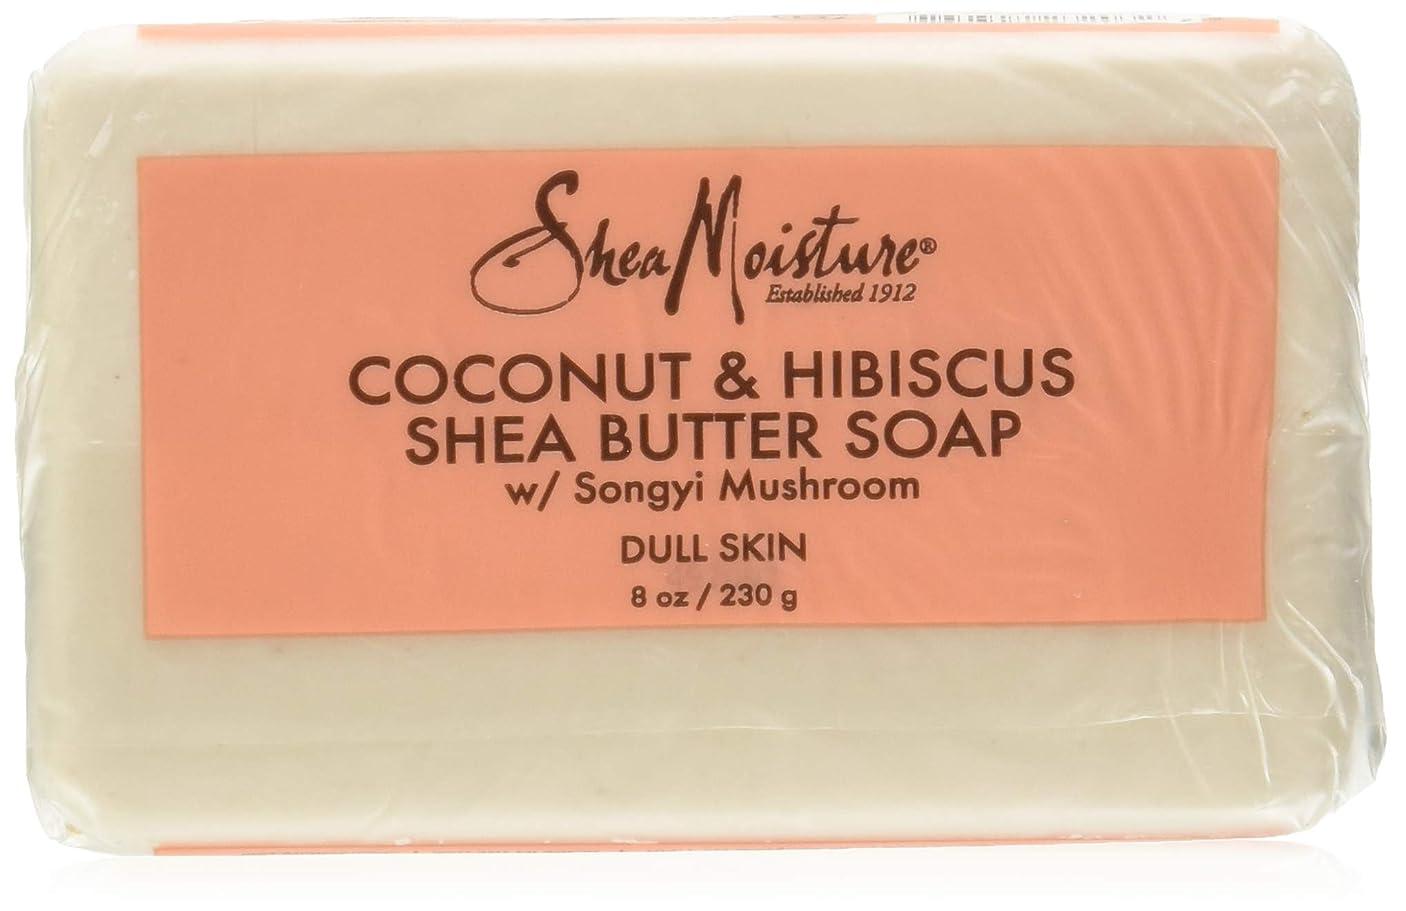 こねる贅沢な細胞Shea Moisture Coconut Hibiscus Bar Soap- 235 ml by Shea Moisture